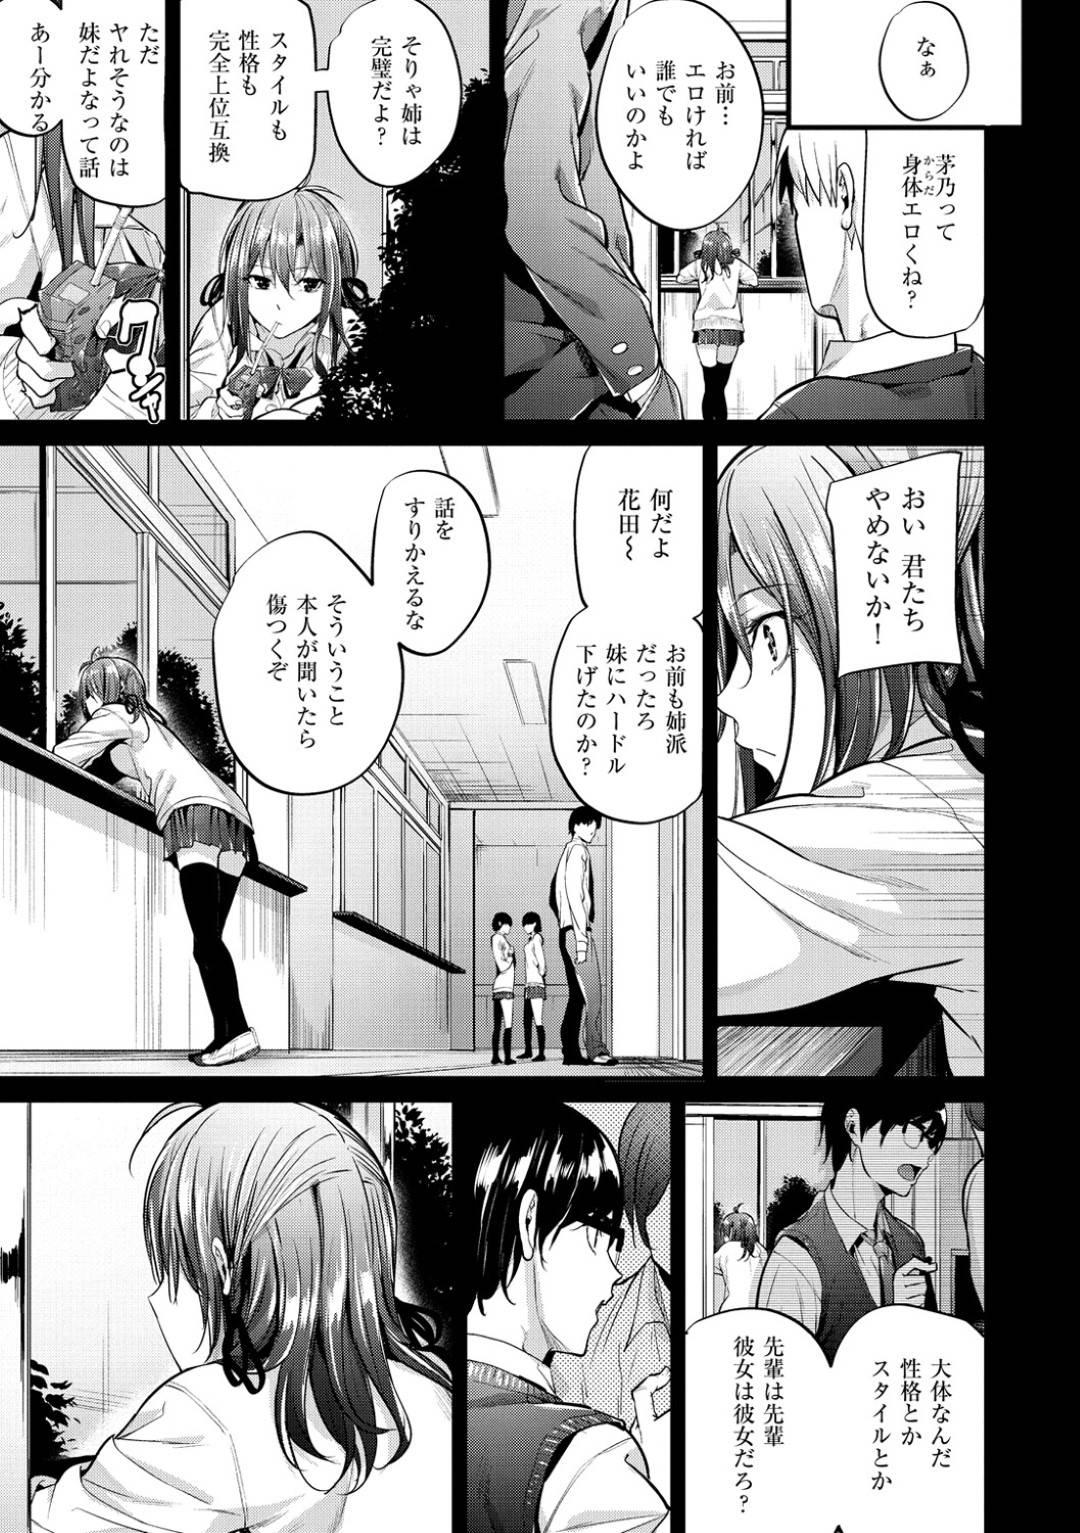 【イチャラブエロ漫画】茜に告白された花田は付き合うことになり、イチャラブ中出しセックス【みくに瑞貴】